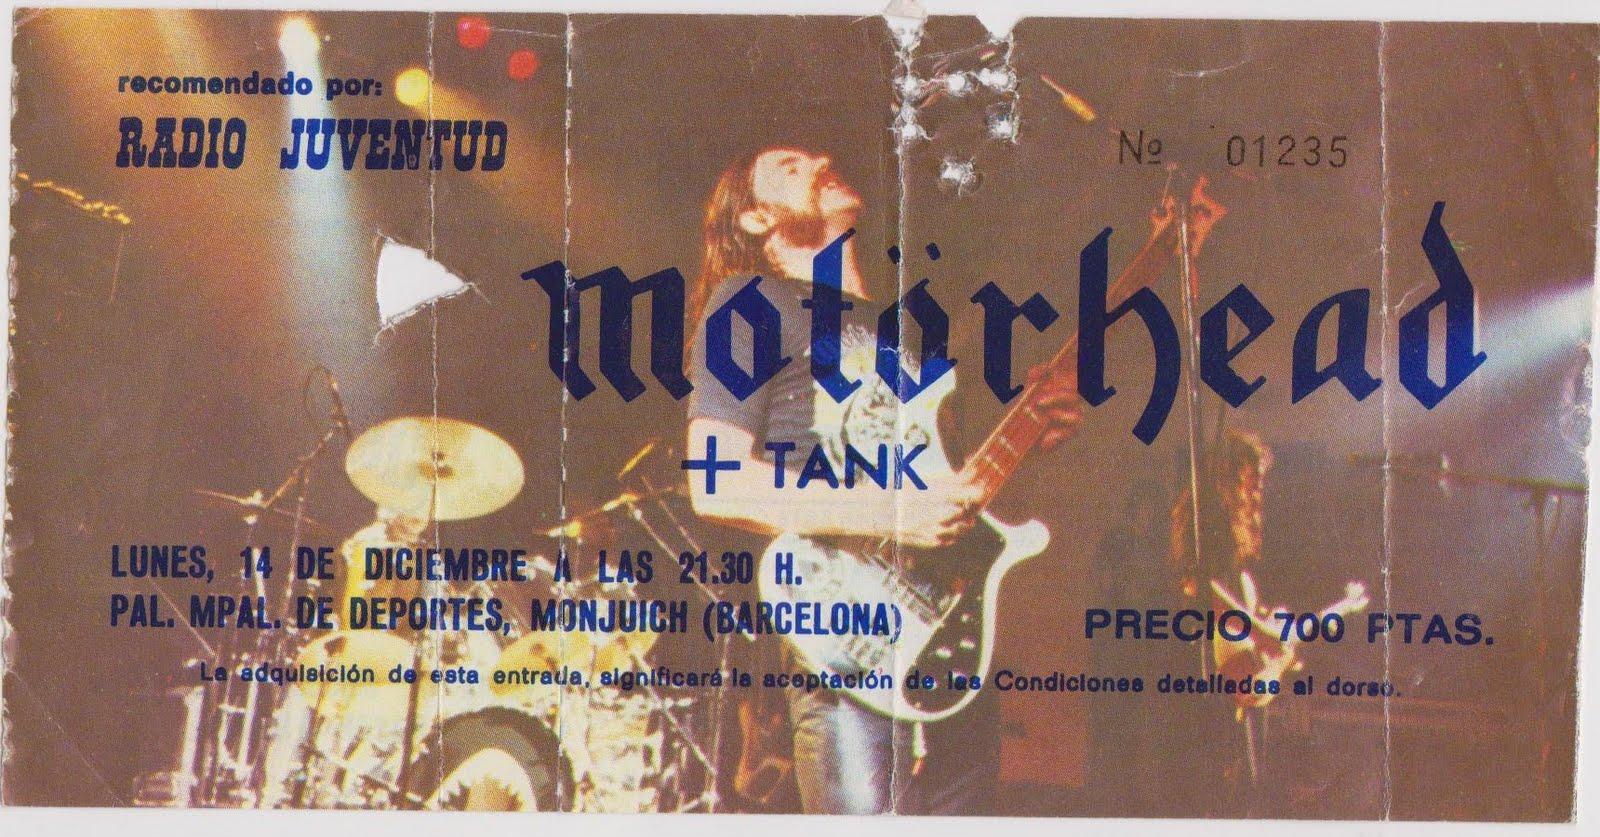 Entrada del concierto de Motörhead en Barcelona